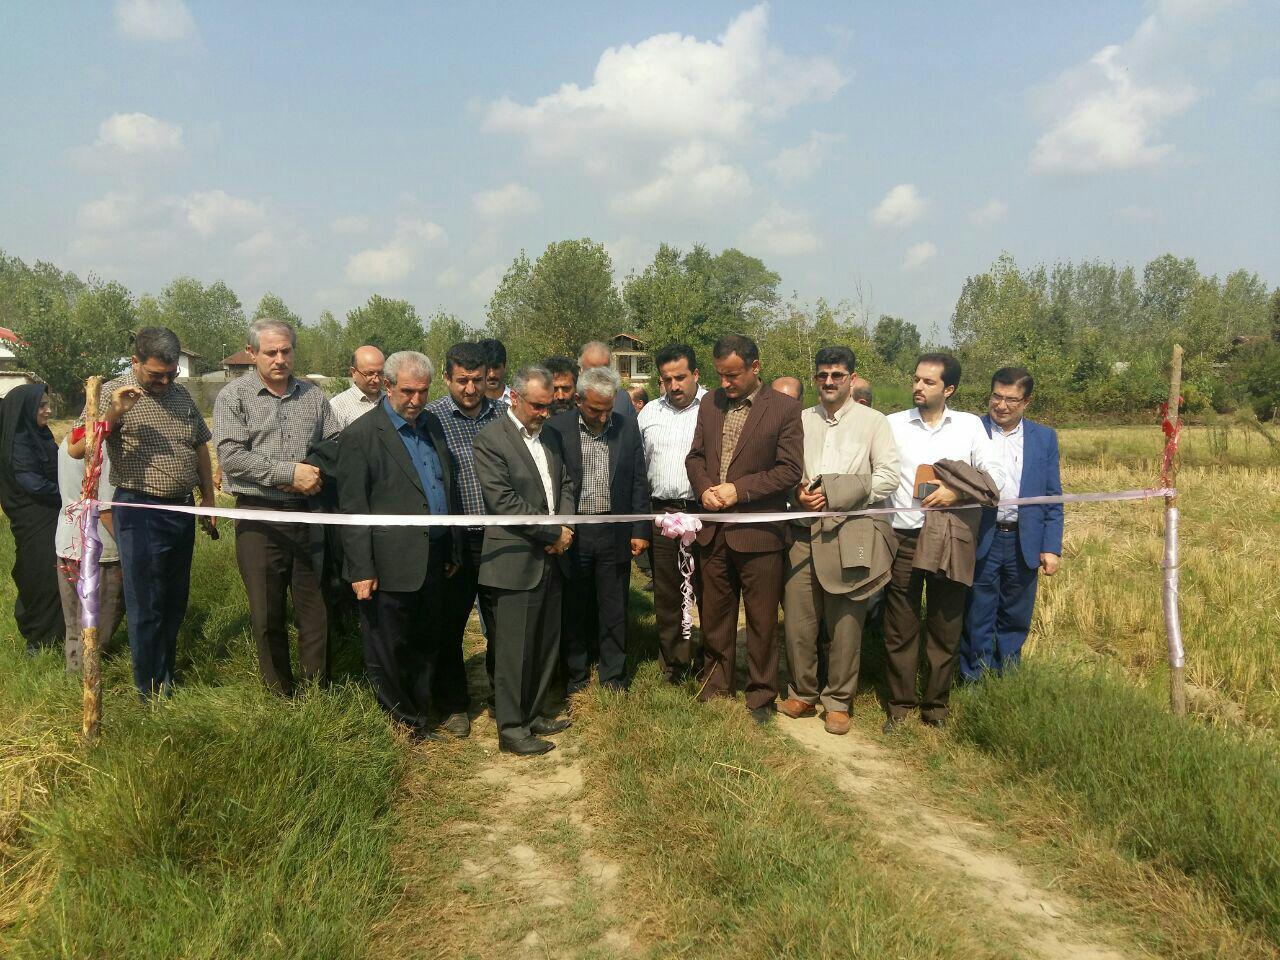 اراضی کشاورزی روستای الاسرفومن تجهیز و نوسازی شد